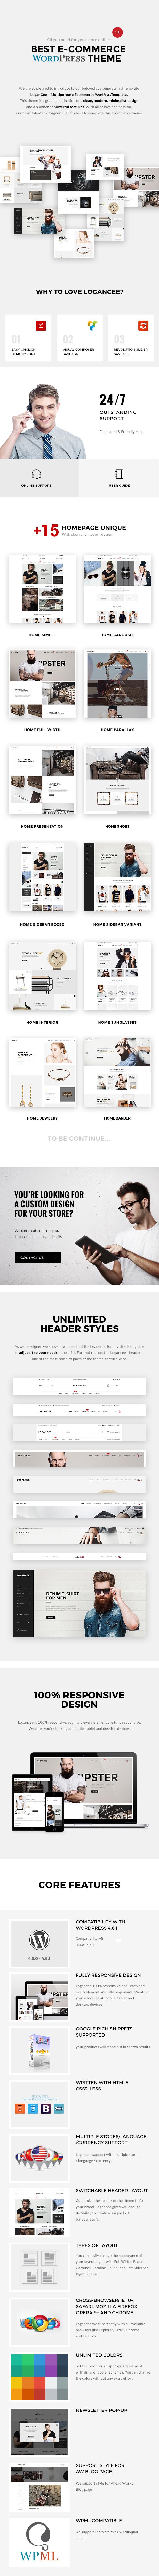 Logancee - Vielseitiges Woocommerce-Template für E-Commerce-Geschäfte - 1